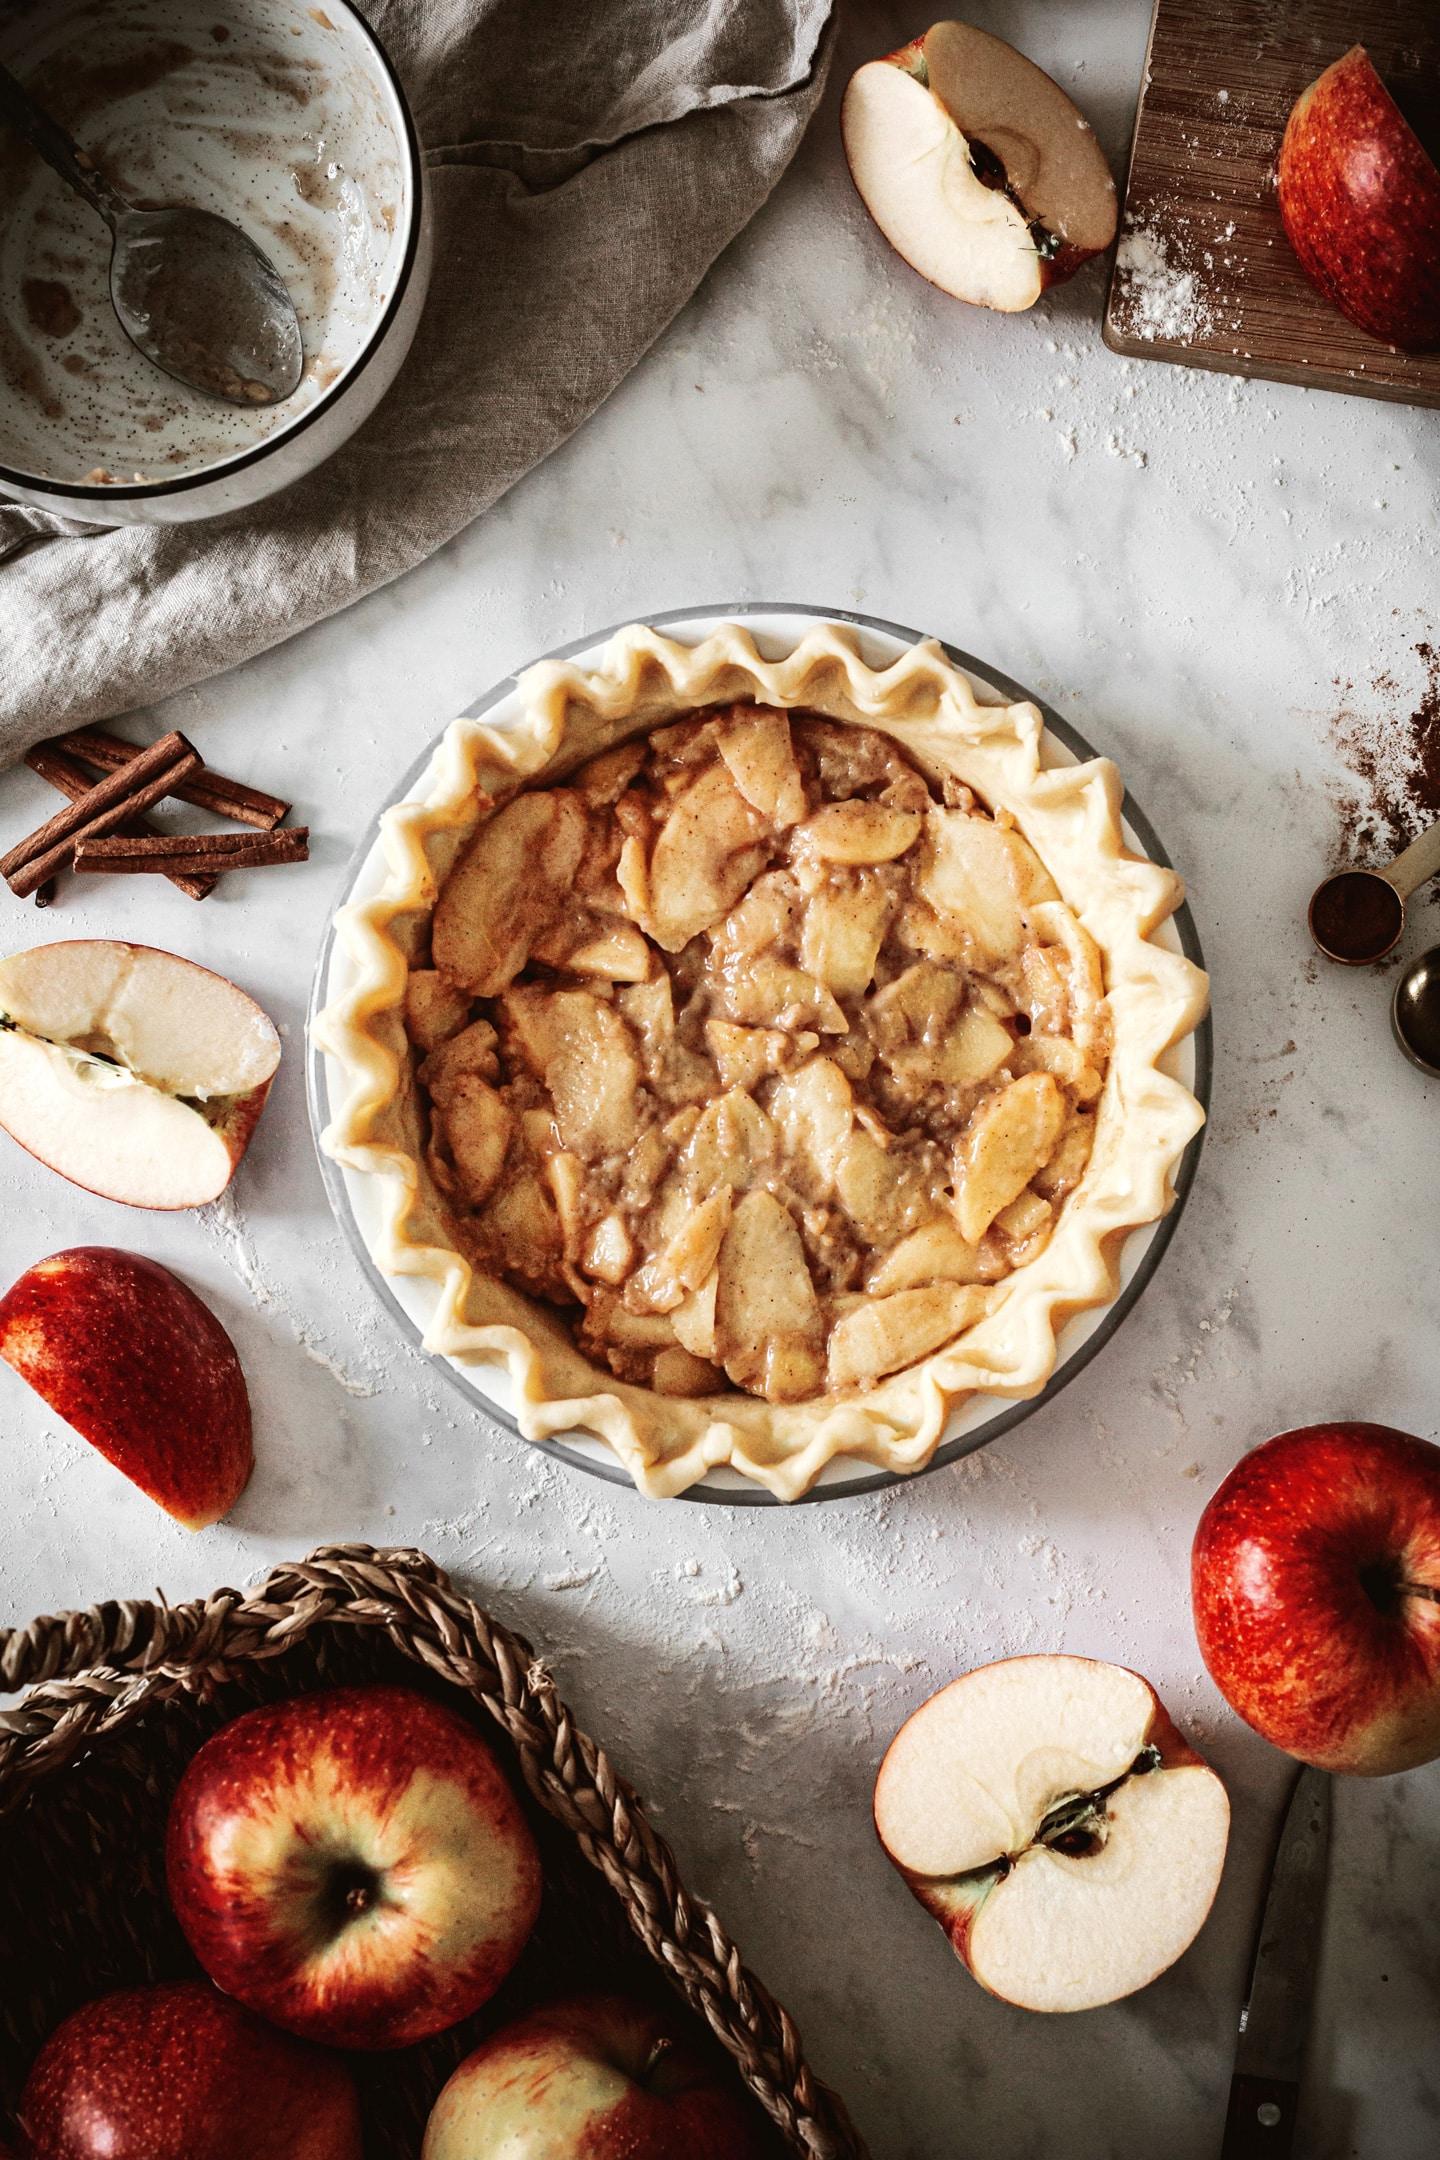 La tourte aux pommes Apple Pie